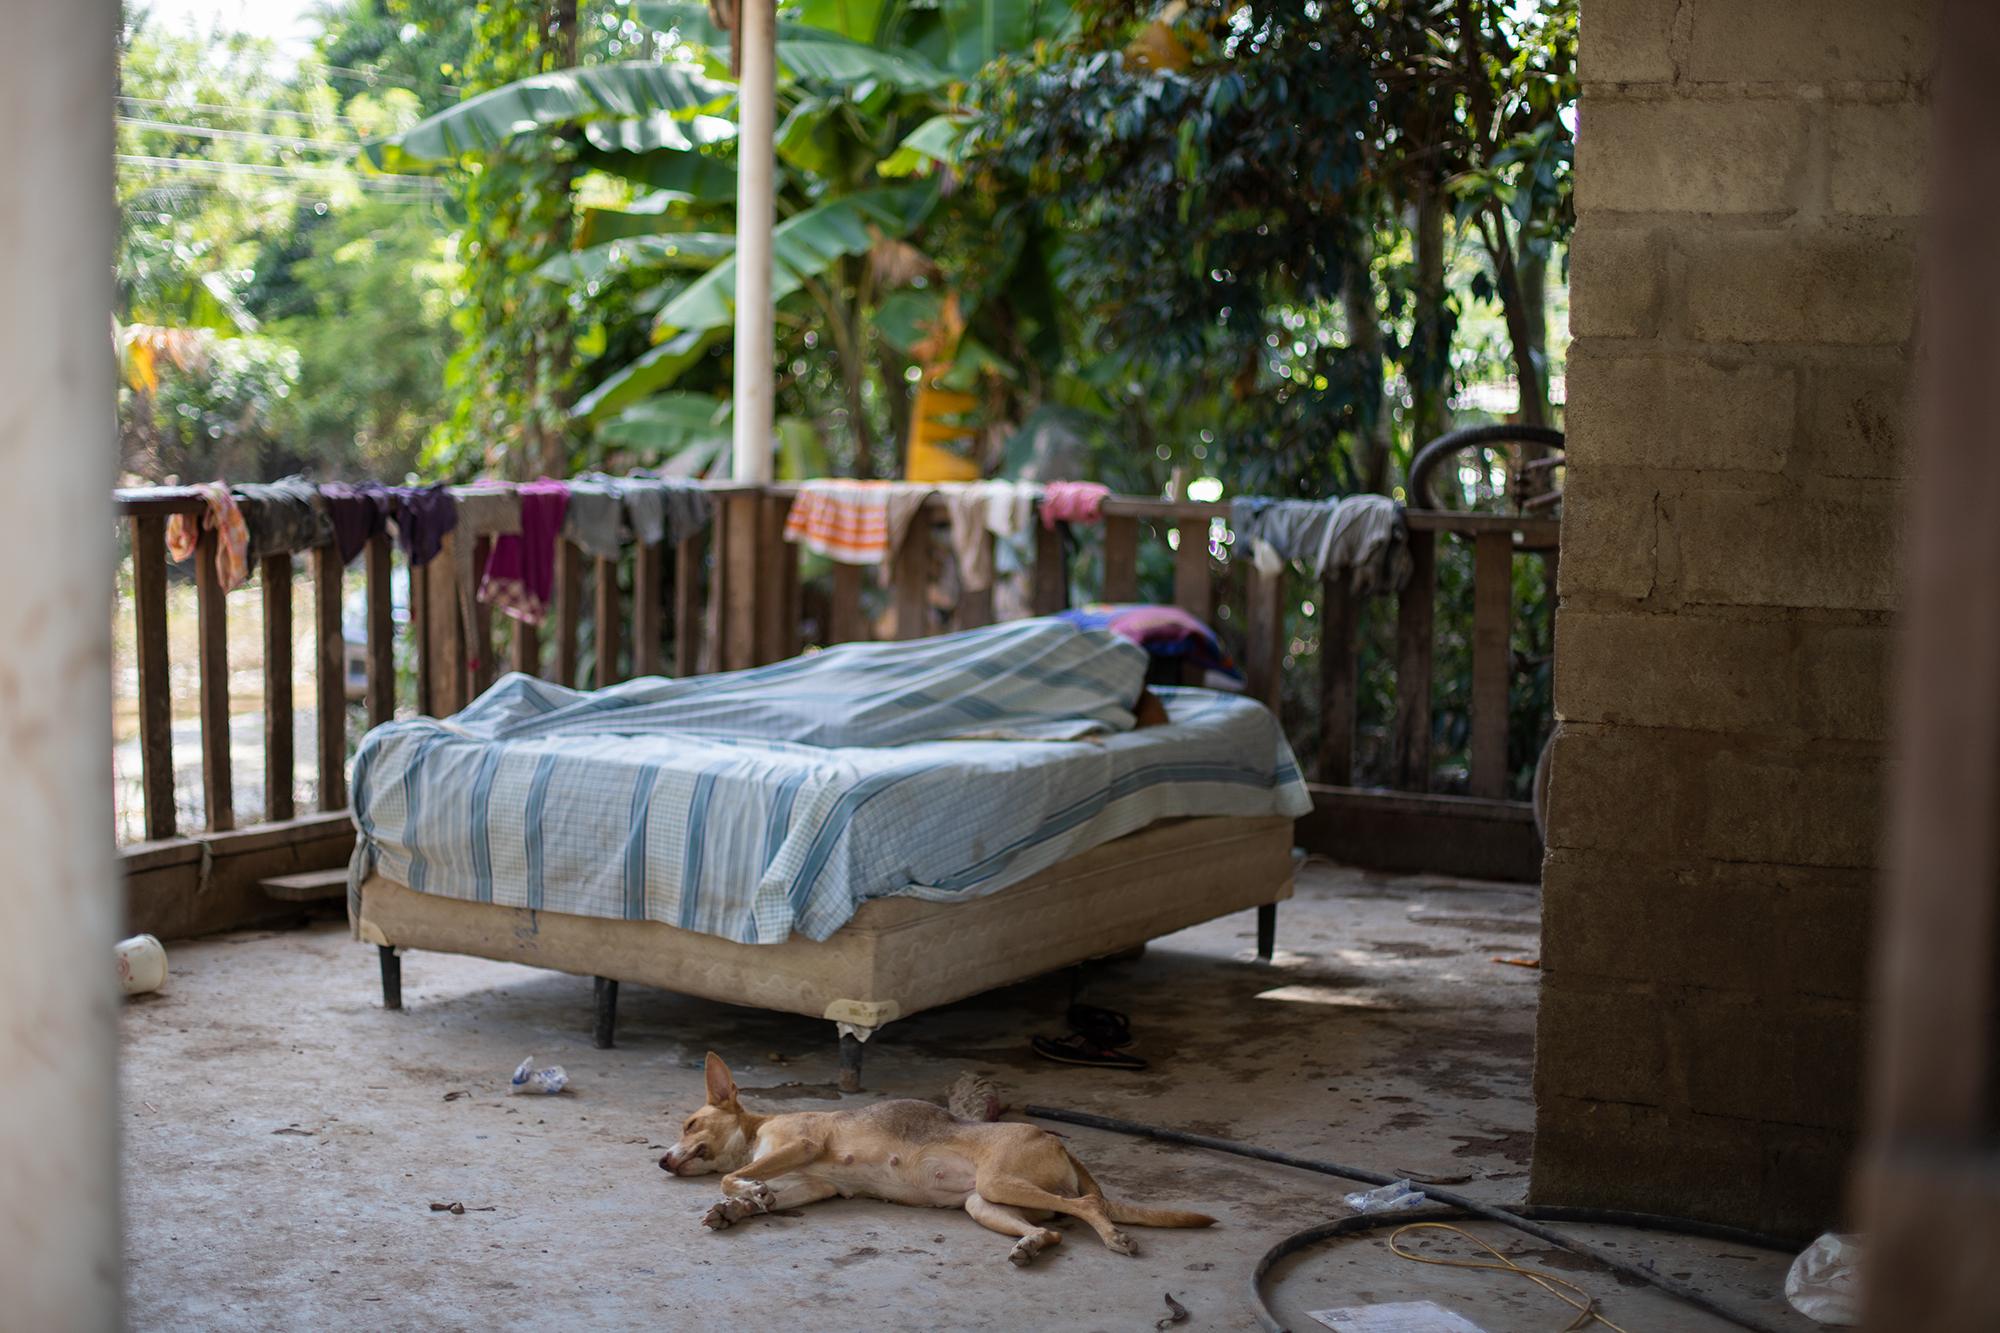 Las Cruces, es una de las comunidades afectadas en Baracoa, donde las personas han podido rescatar pocas cosas de la inundación que ha dejado el paso de la tormenta tropical Eta. Baracoa, Cortés, 15 de noviembre de 2020. Foto: Martín Cálix.